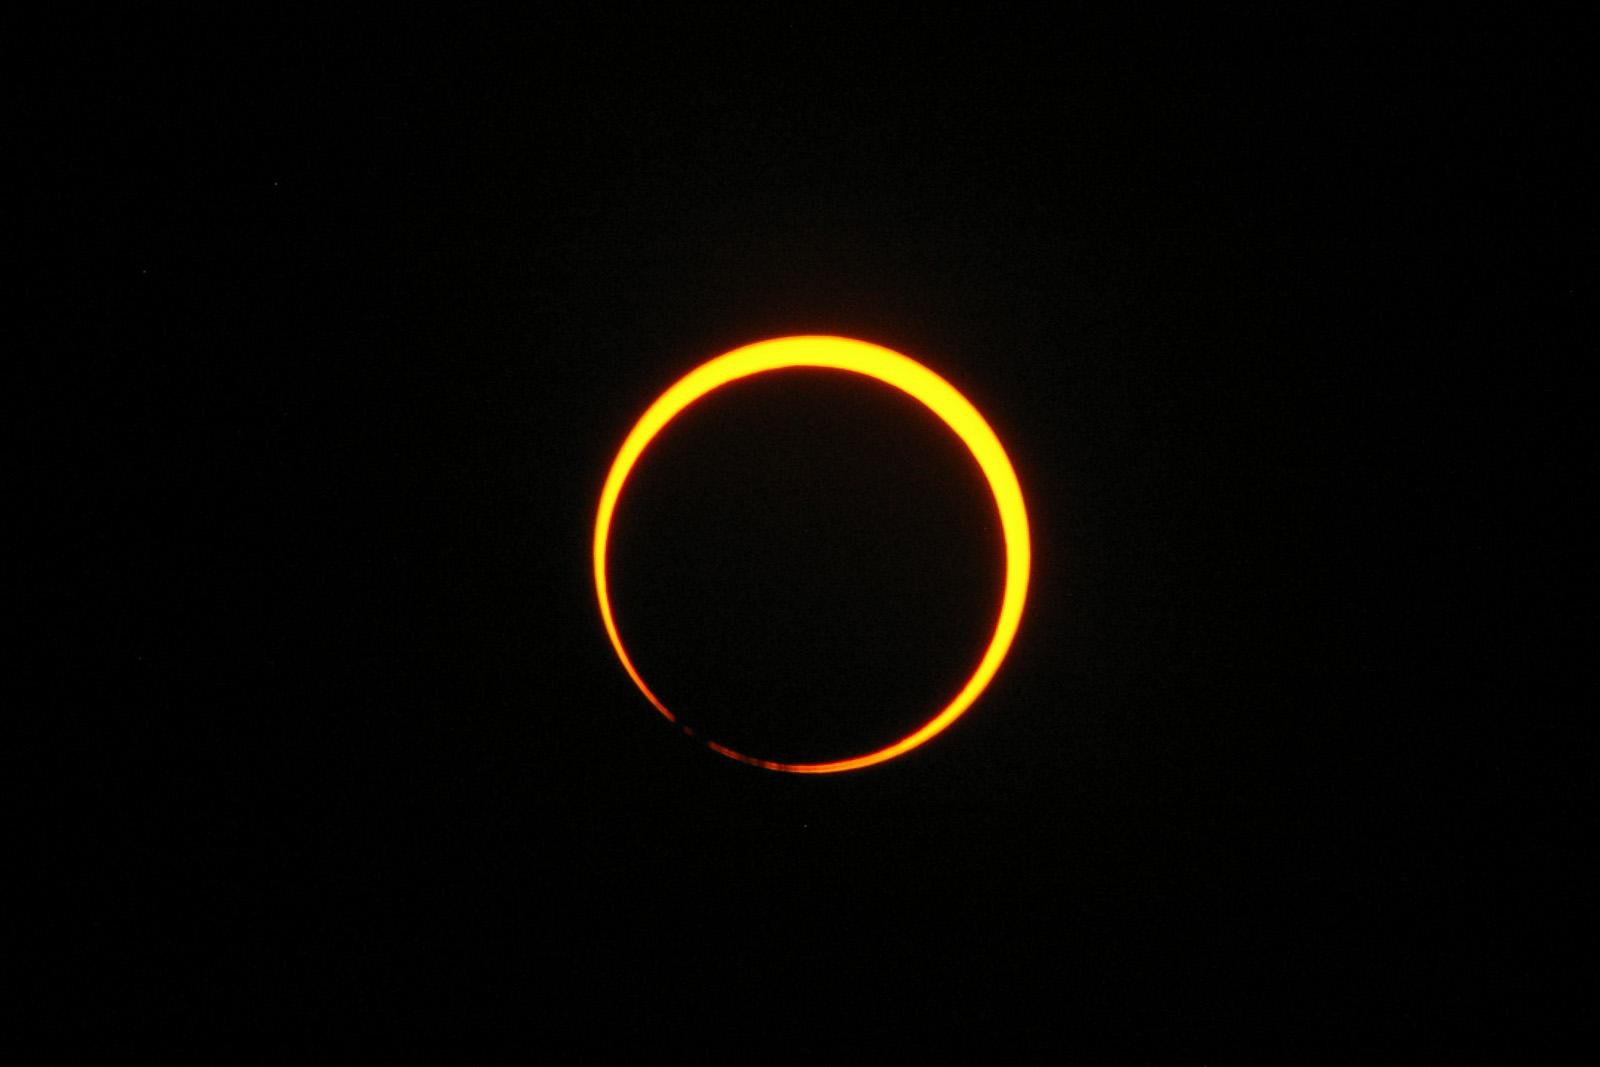 2012年5月21日朝 129年ぶりの金環日食